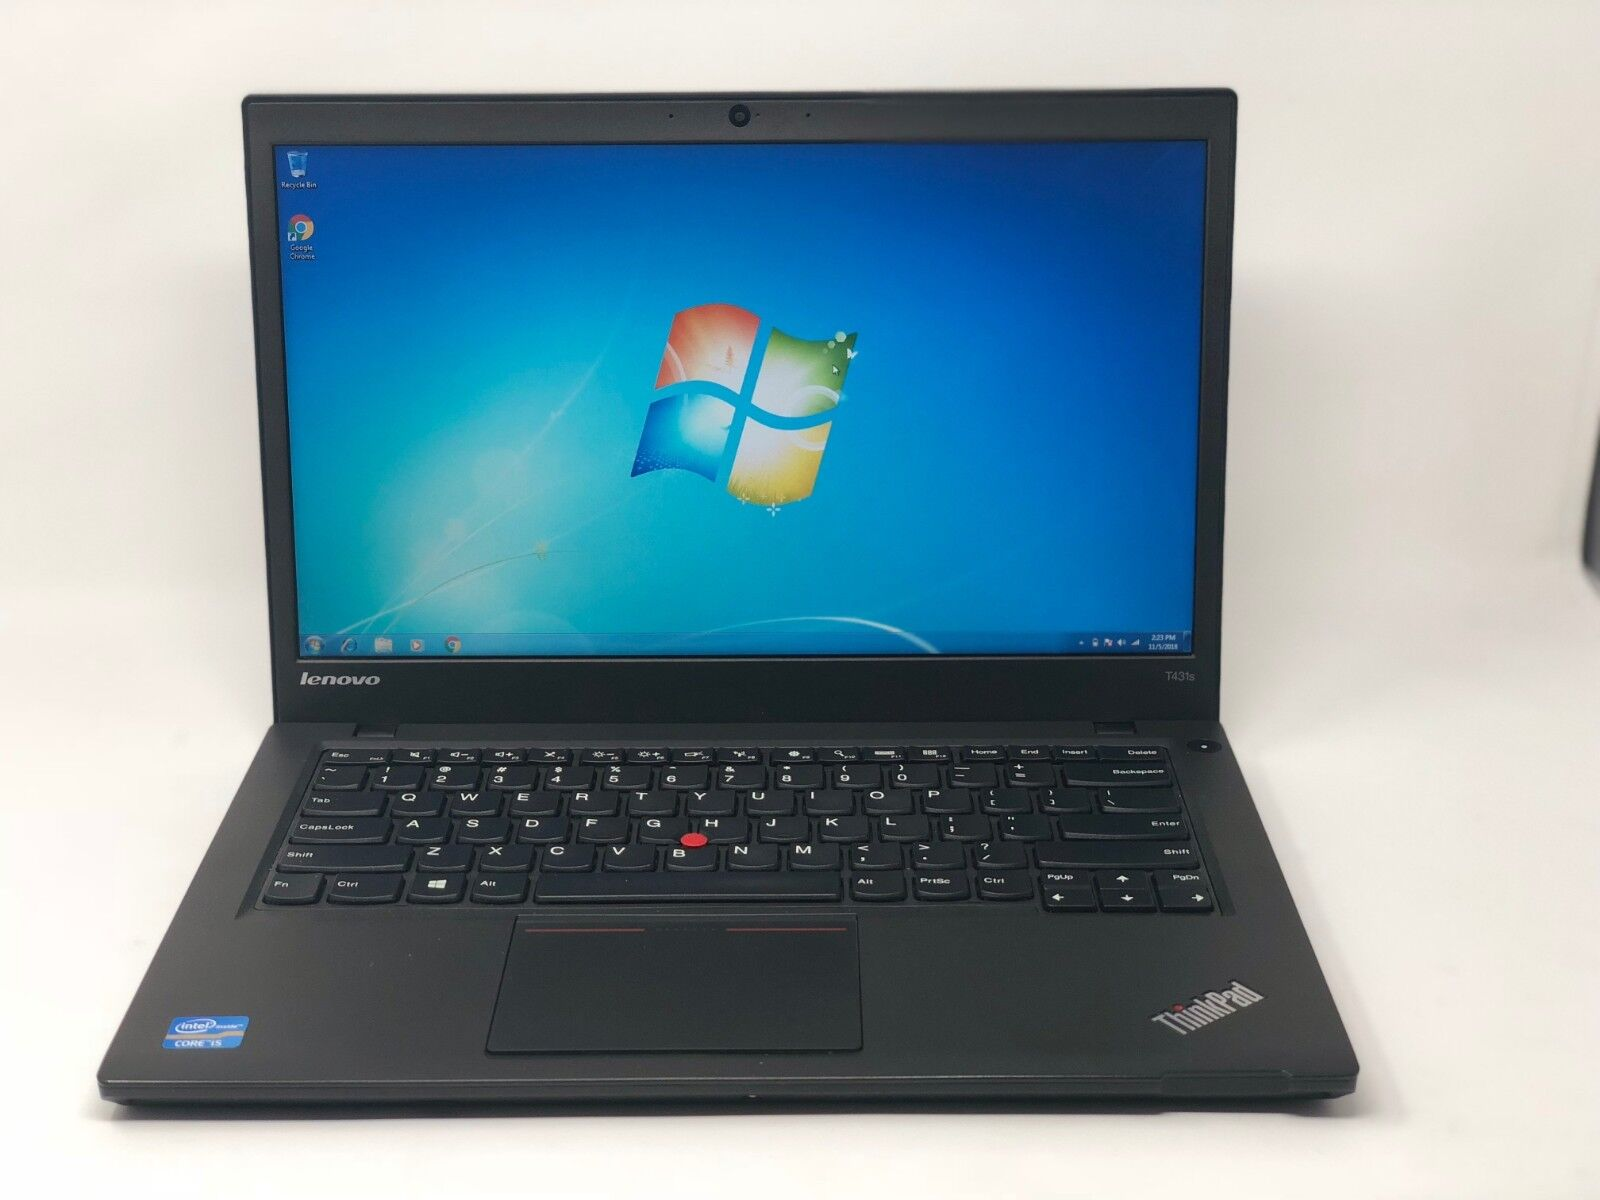 Lenovo ThinkPad T431s i5-3337u 1.8GHz 8GB 500GB 1600x900 Webcam BT Win 7 Laptop